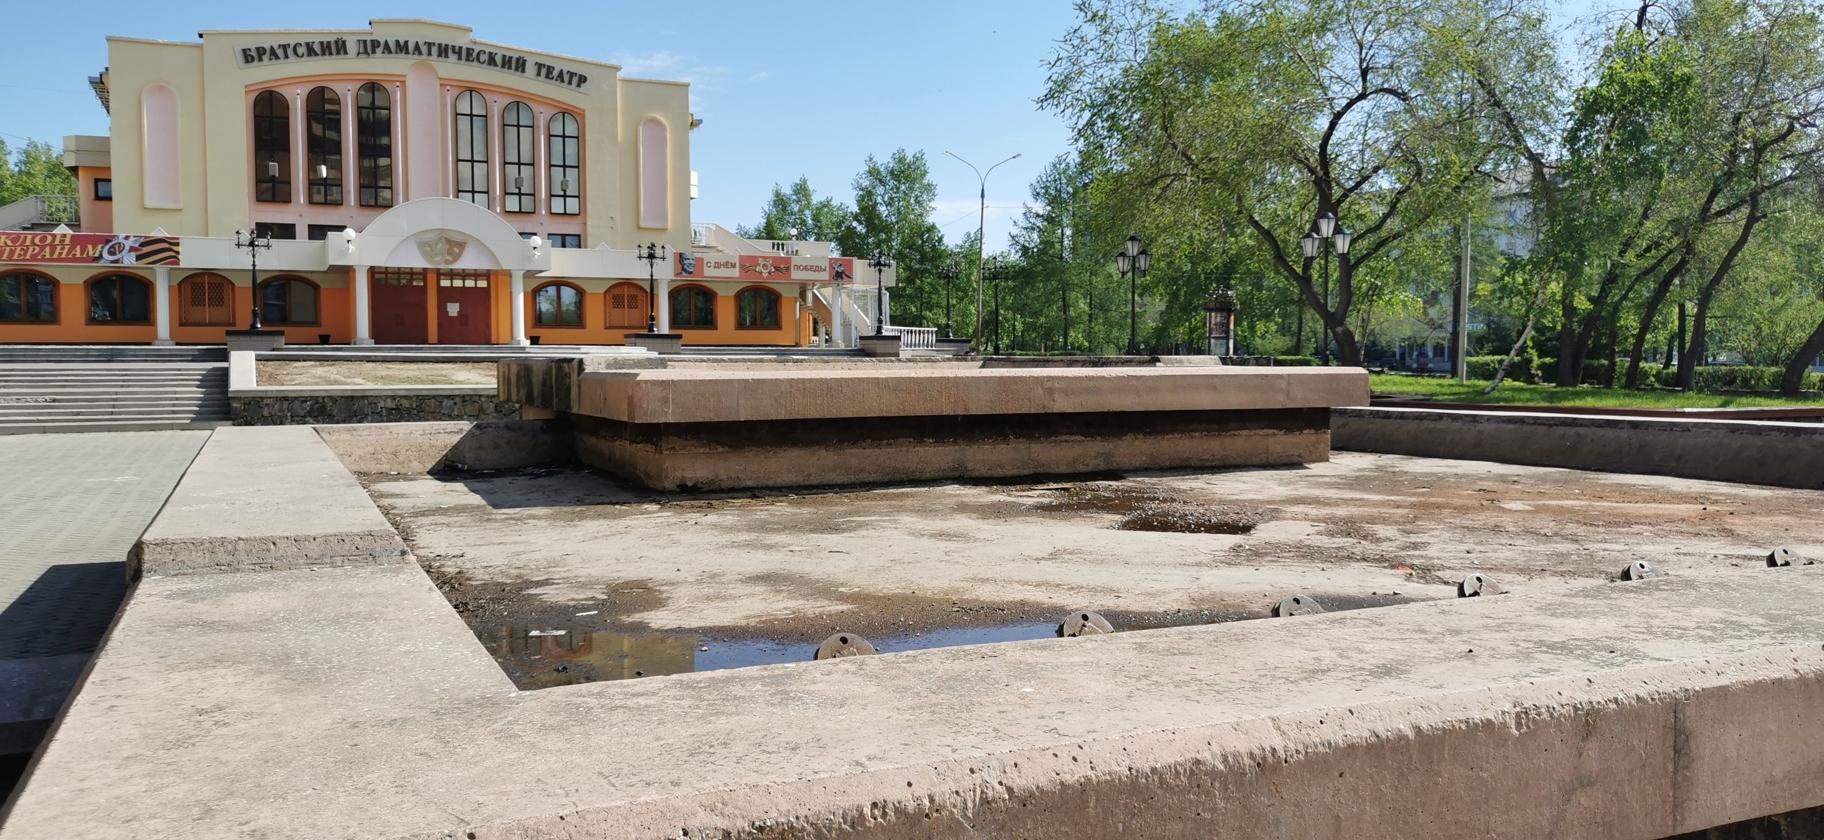 Подготовка к запуску фонтанов началась в Братске